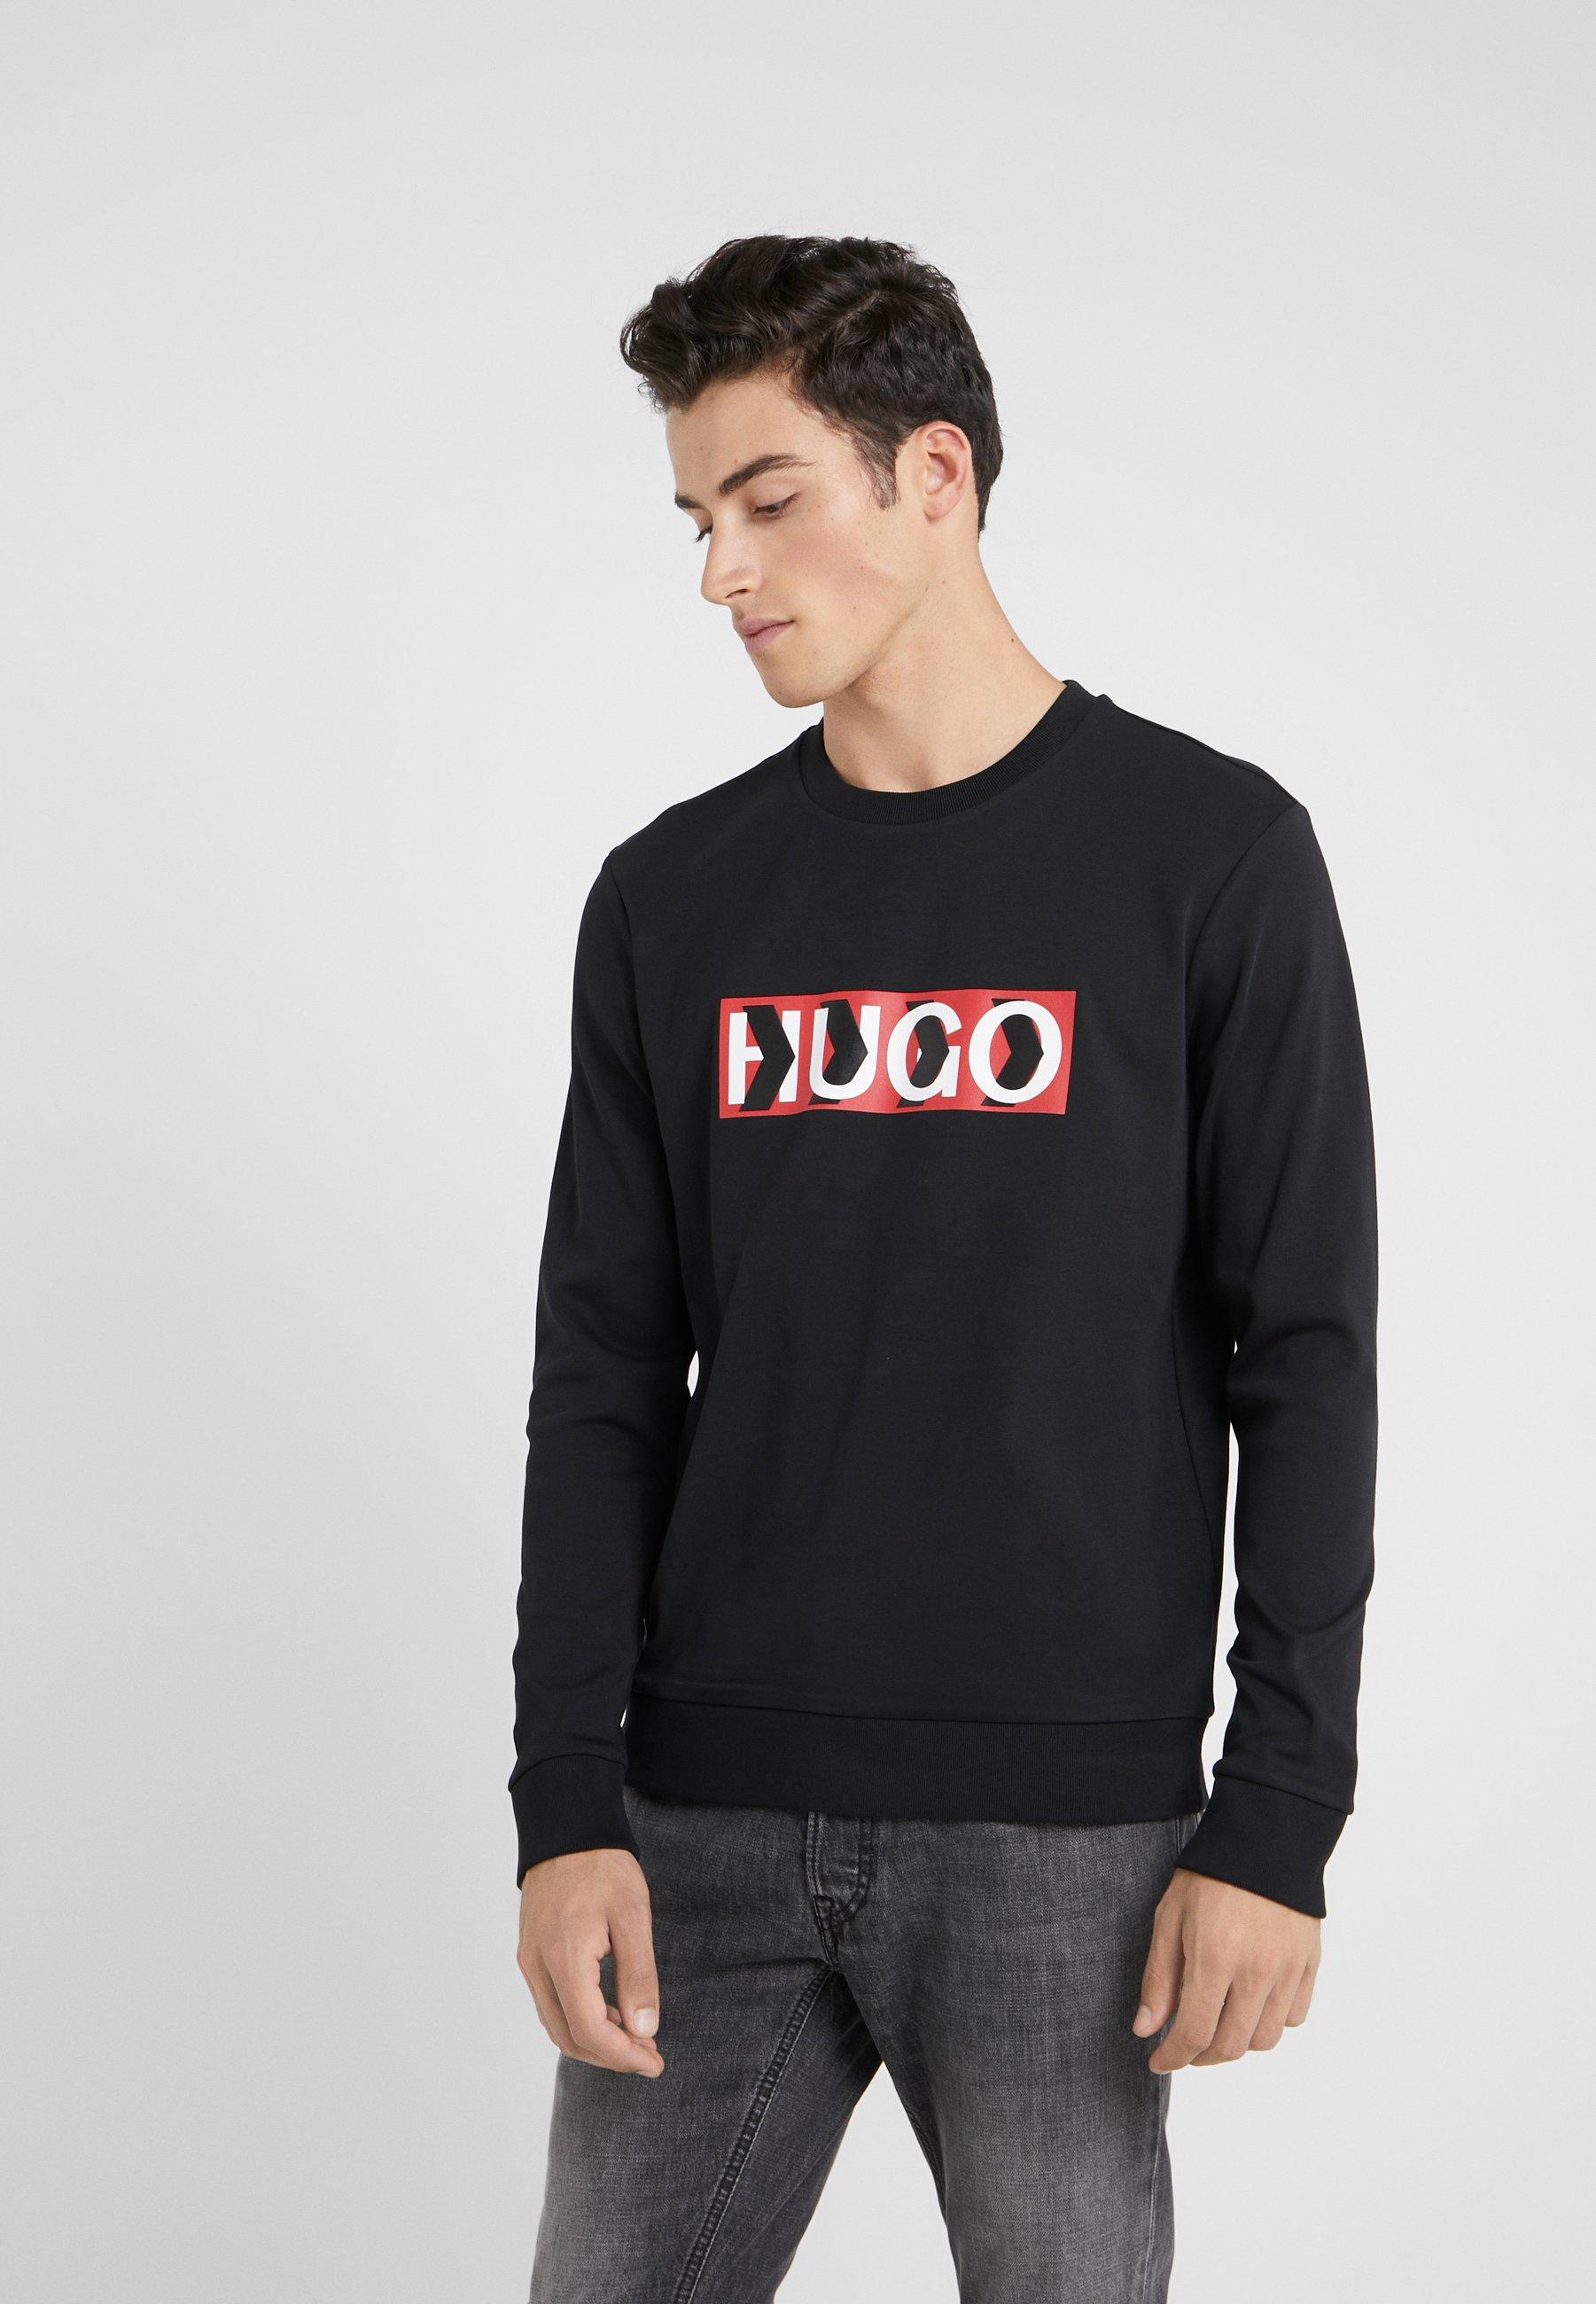 Liam PayneSweatshirt Black Hugo Liam Hugo Dicago Dicago Ygfb7vmyI6